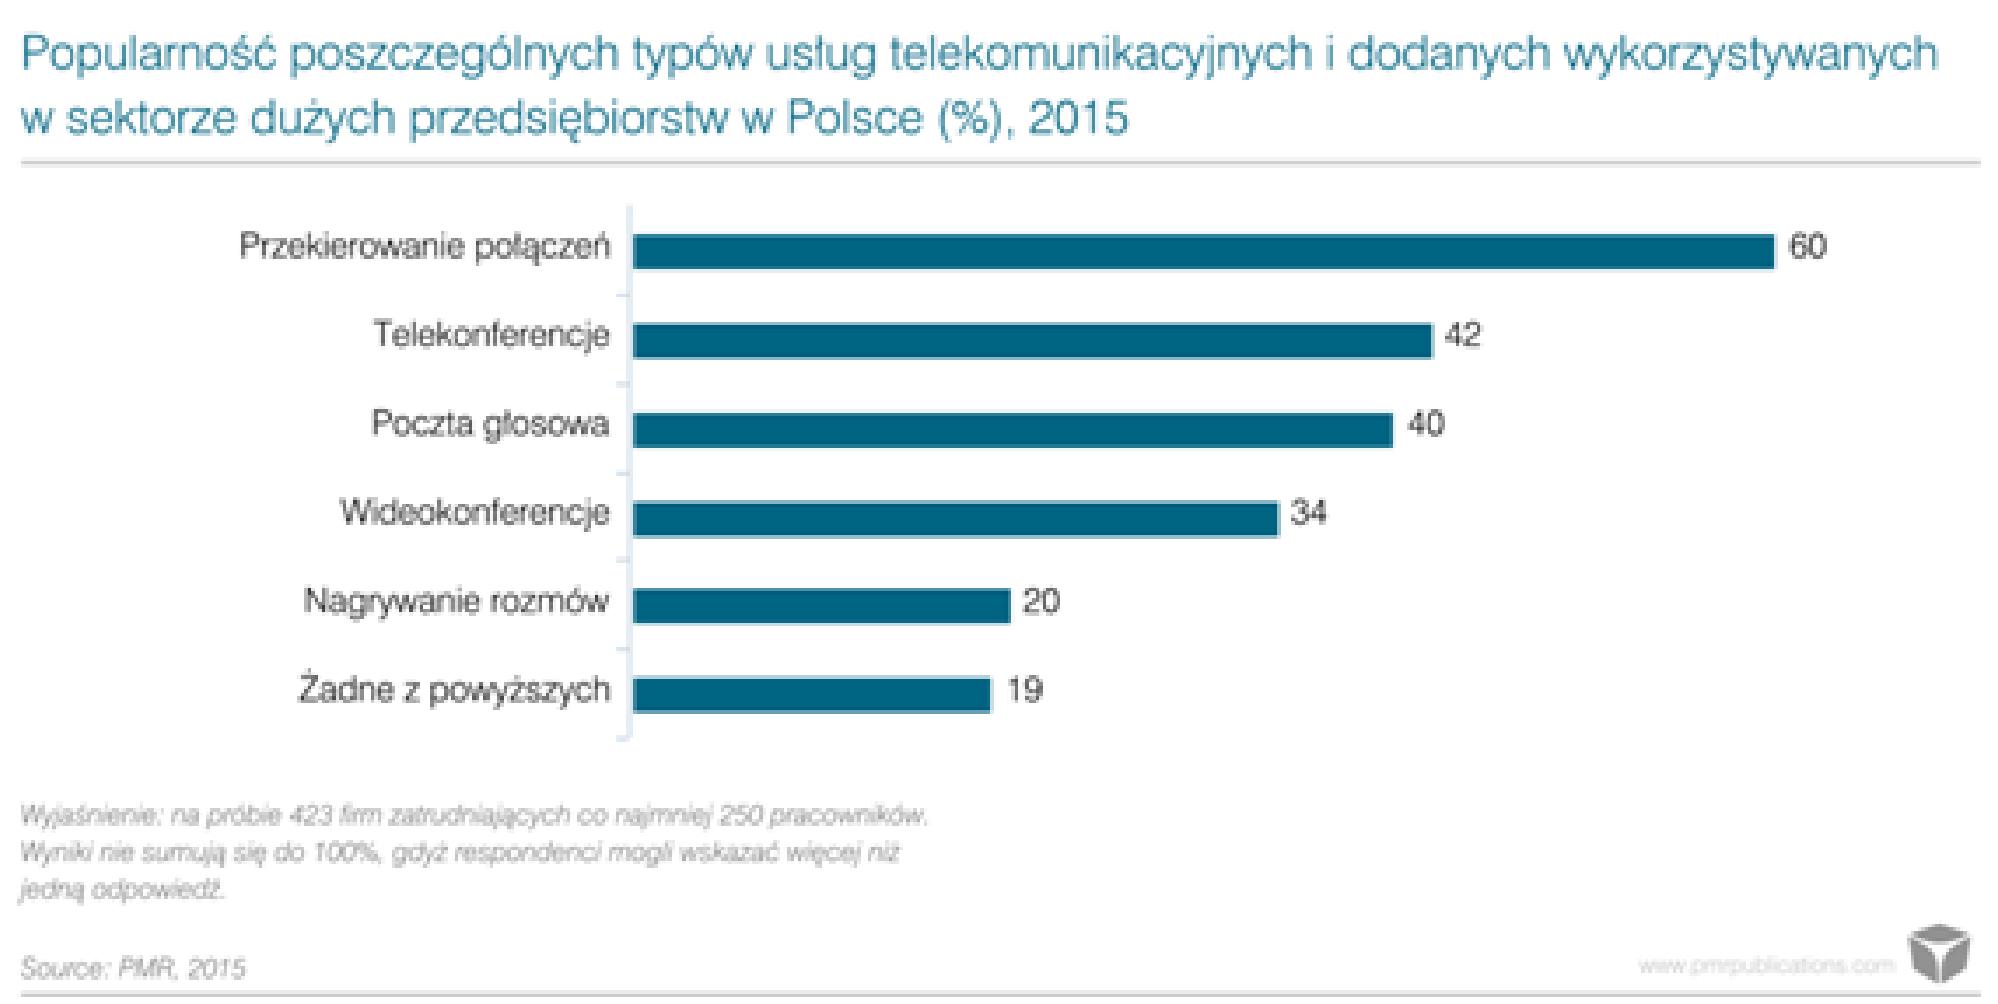 15 mld zł na rynku telekomunikacyjnym B2B